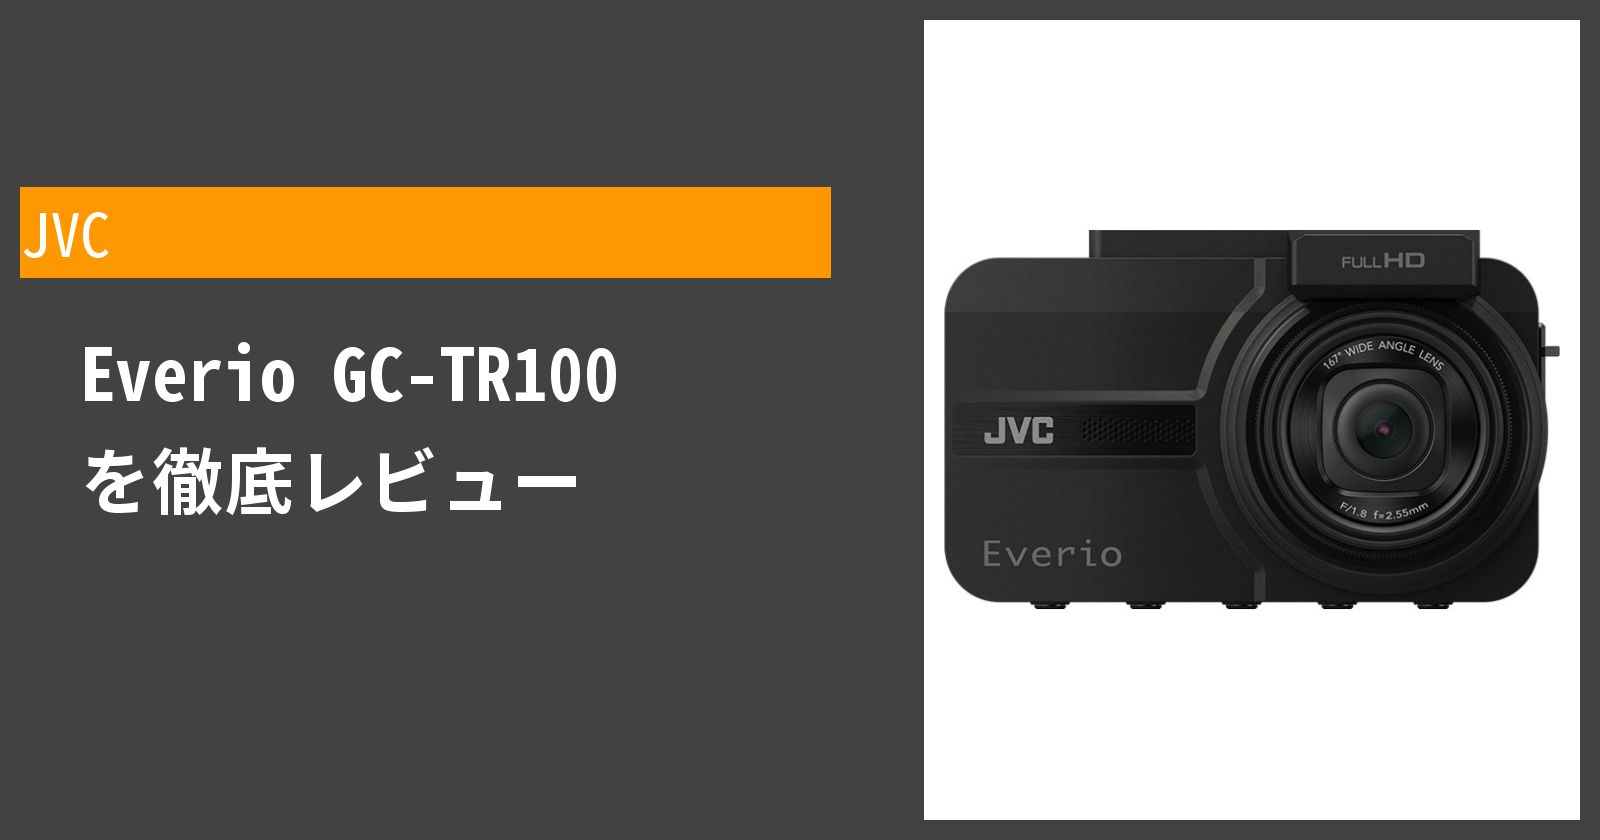 Everio GC-TR100を徹底評価